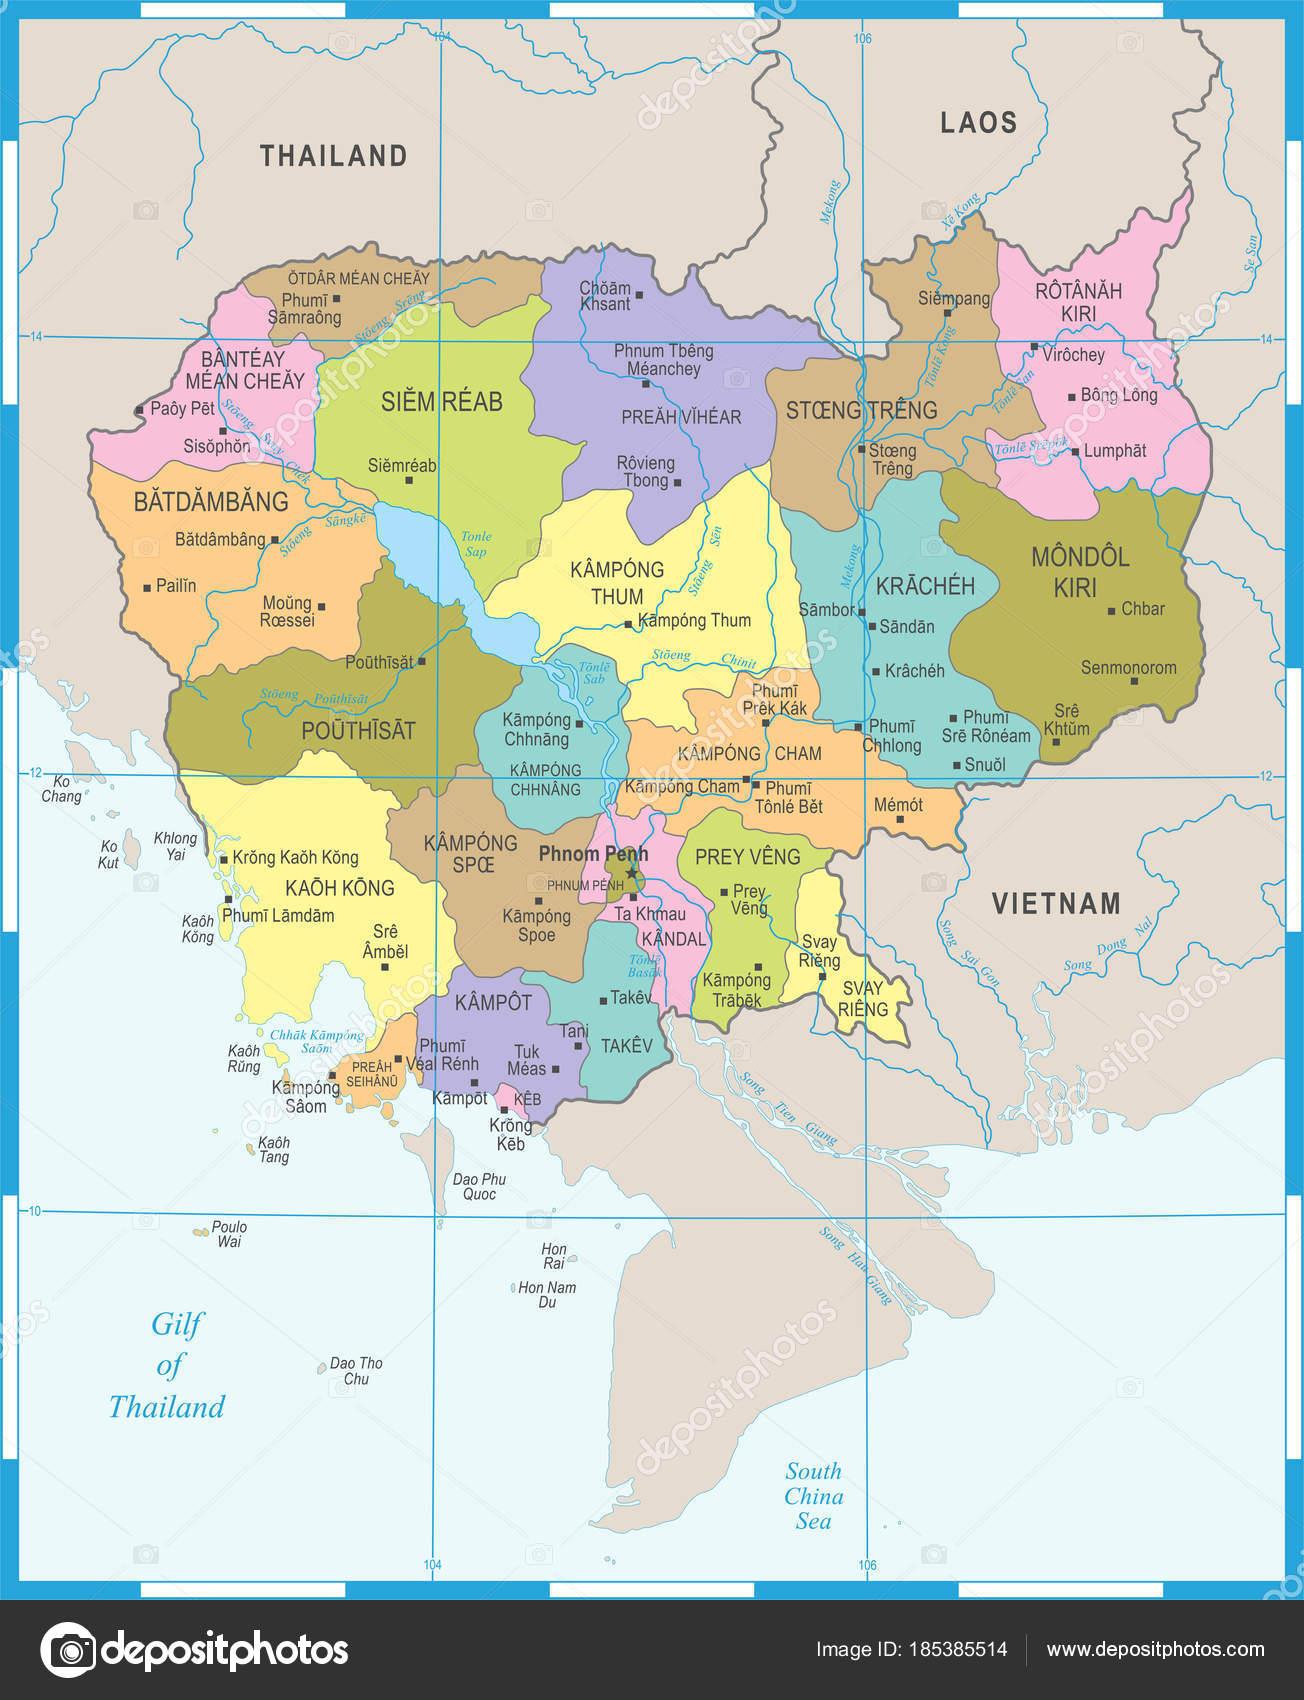 Kambodscha Karte.Kambodscha Karte Detaillierte Vektor Illustration